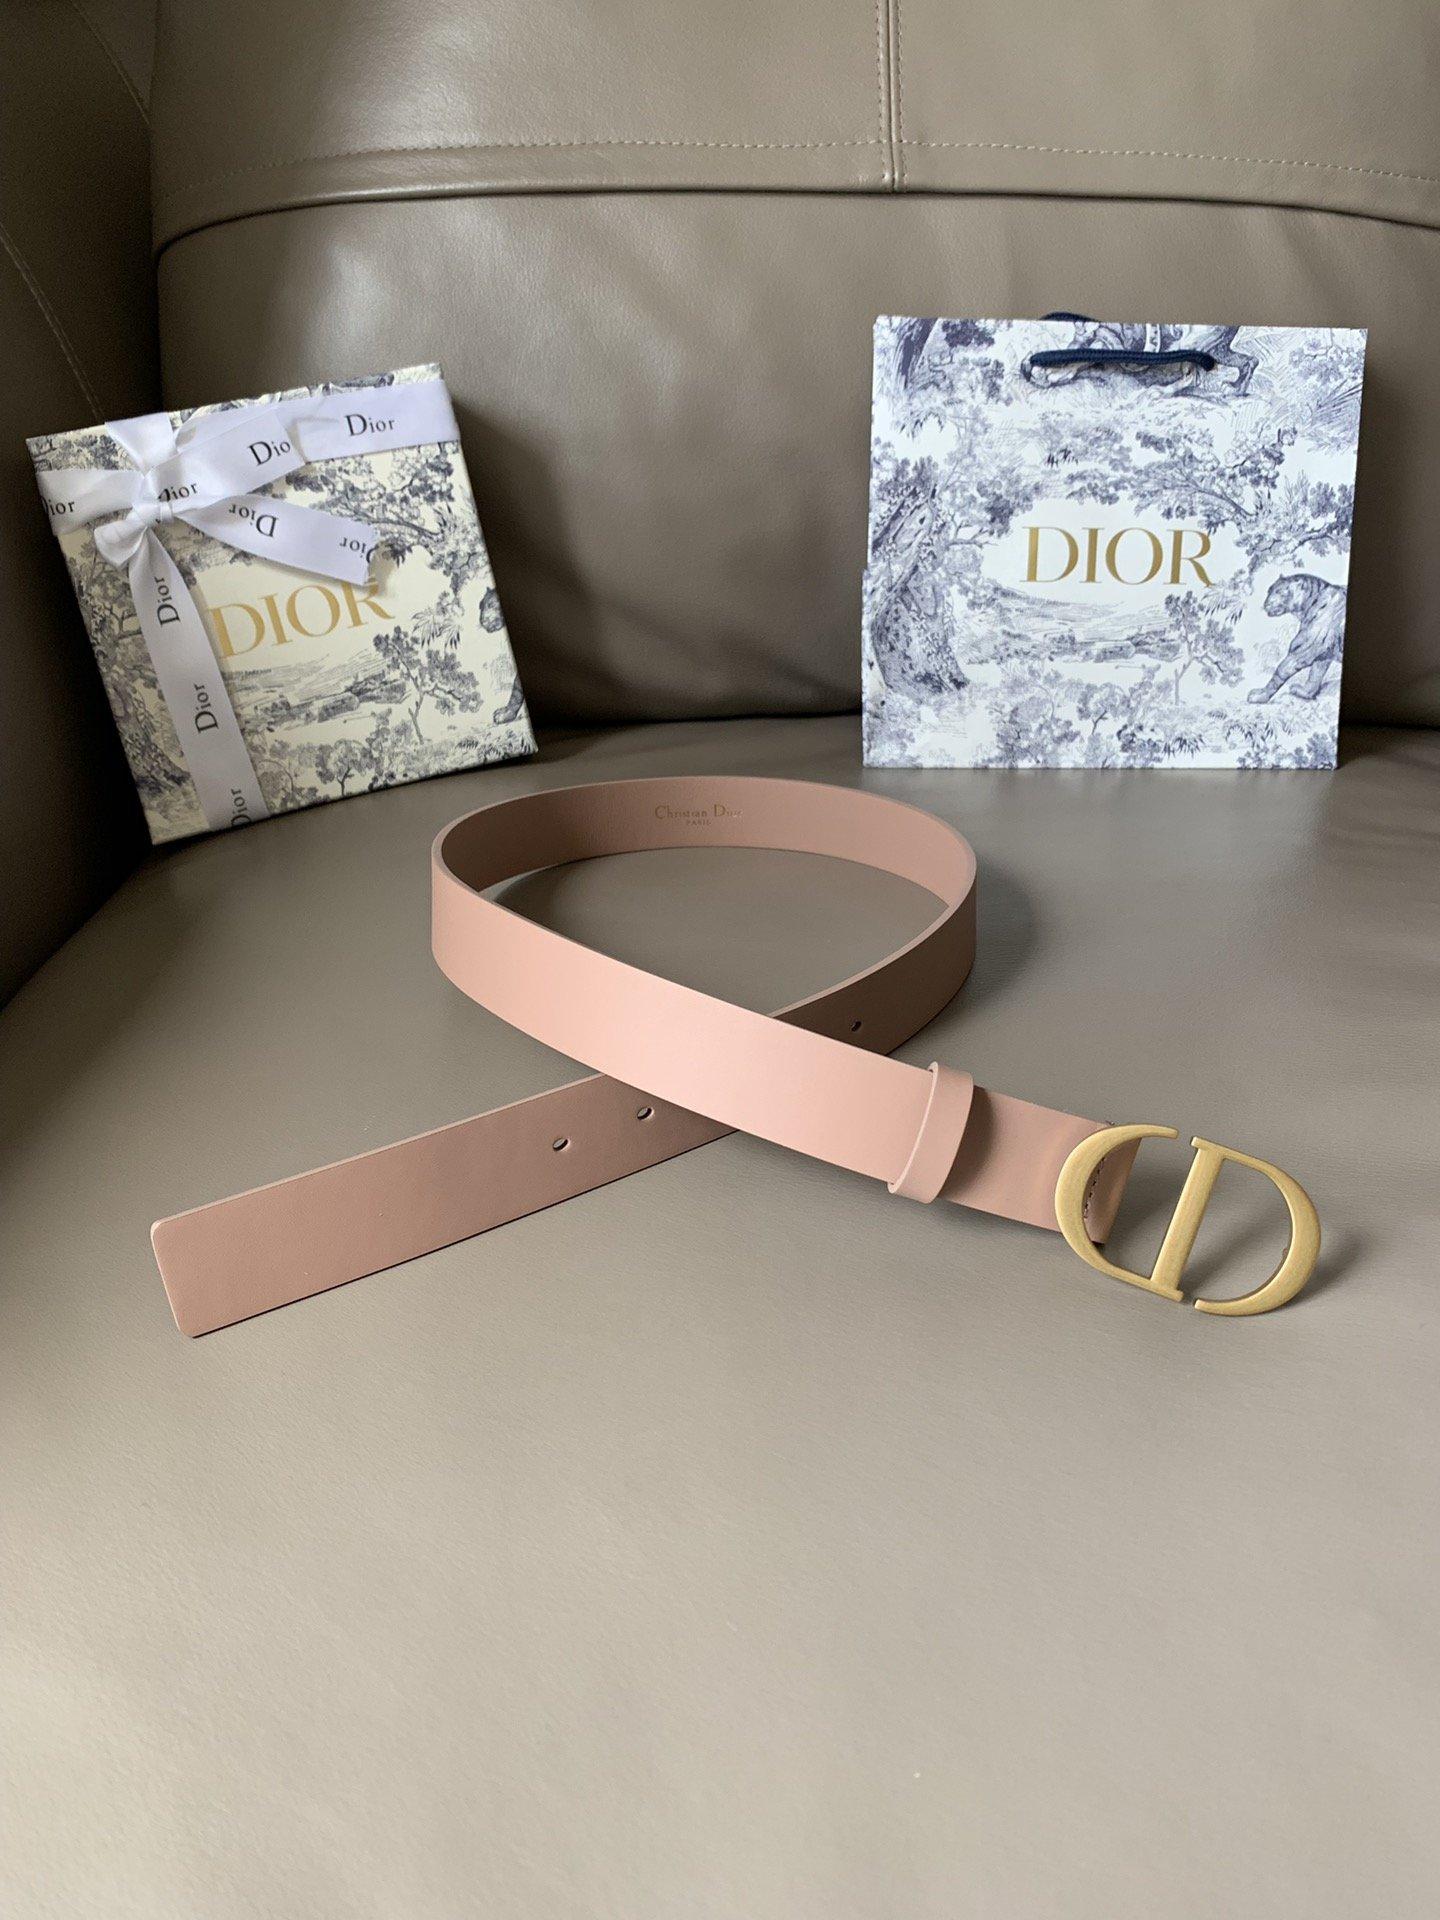 Dior新款双面意大利级顶进口头层平纹小牛皮女士腰带(图3)